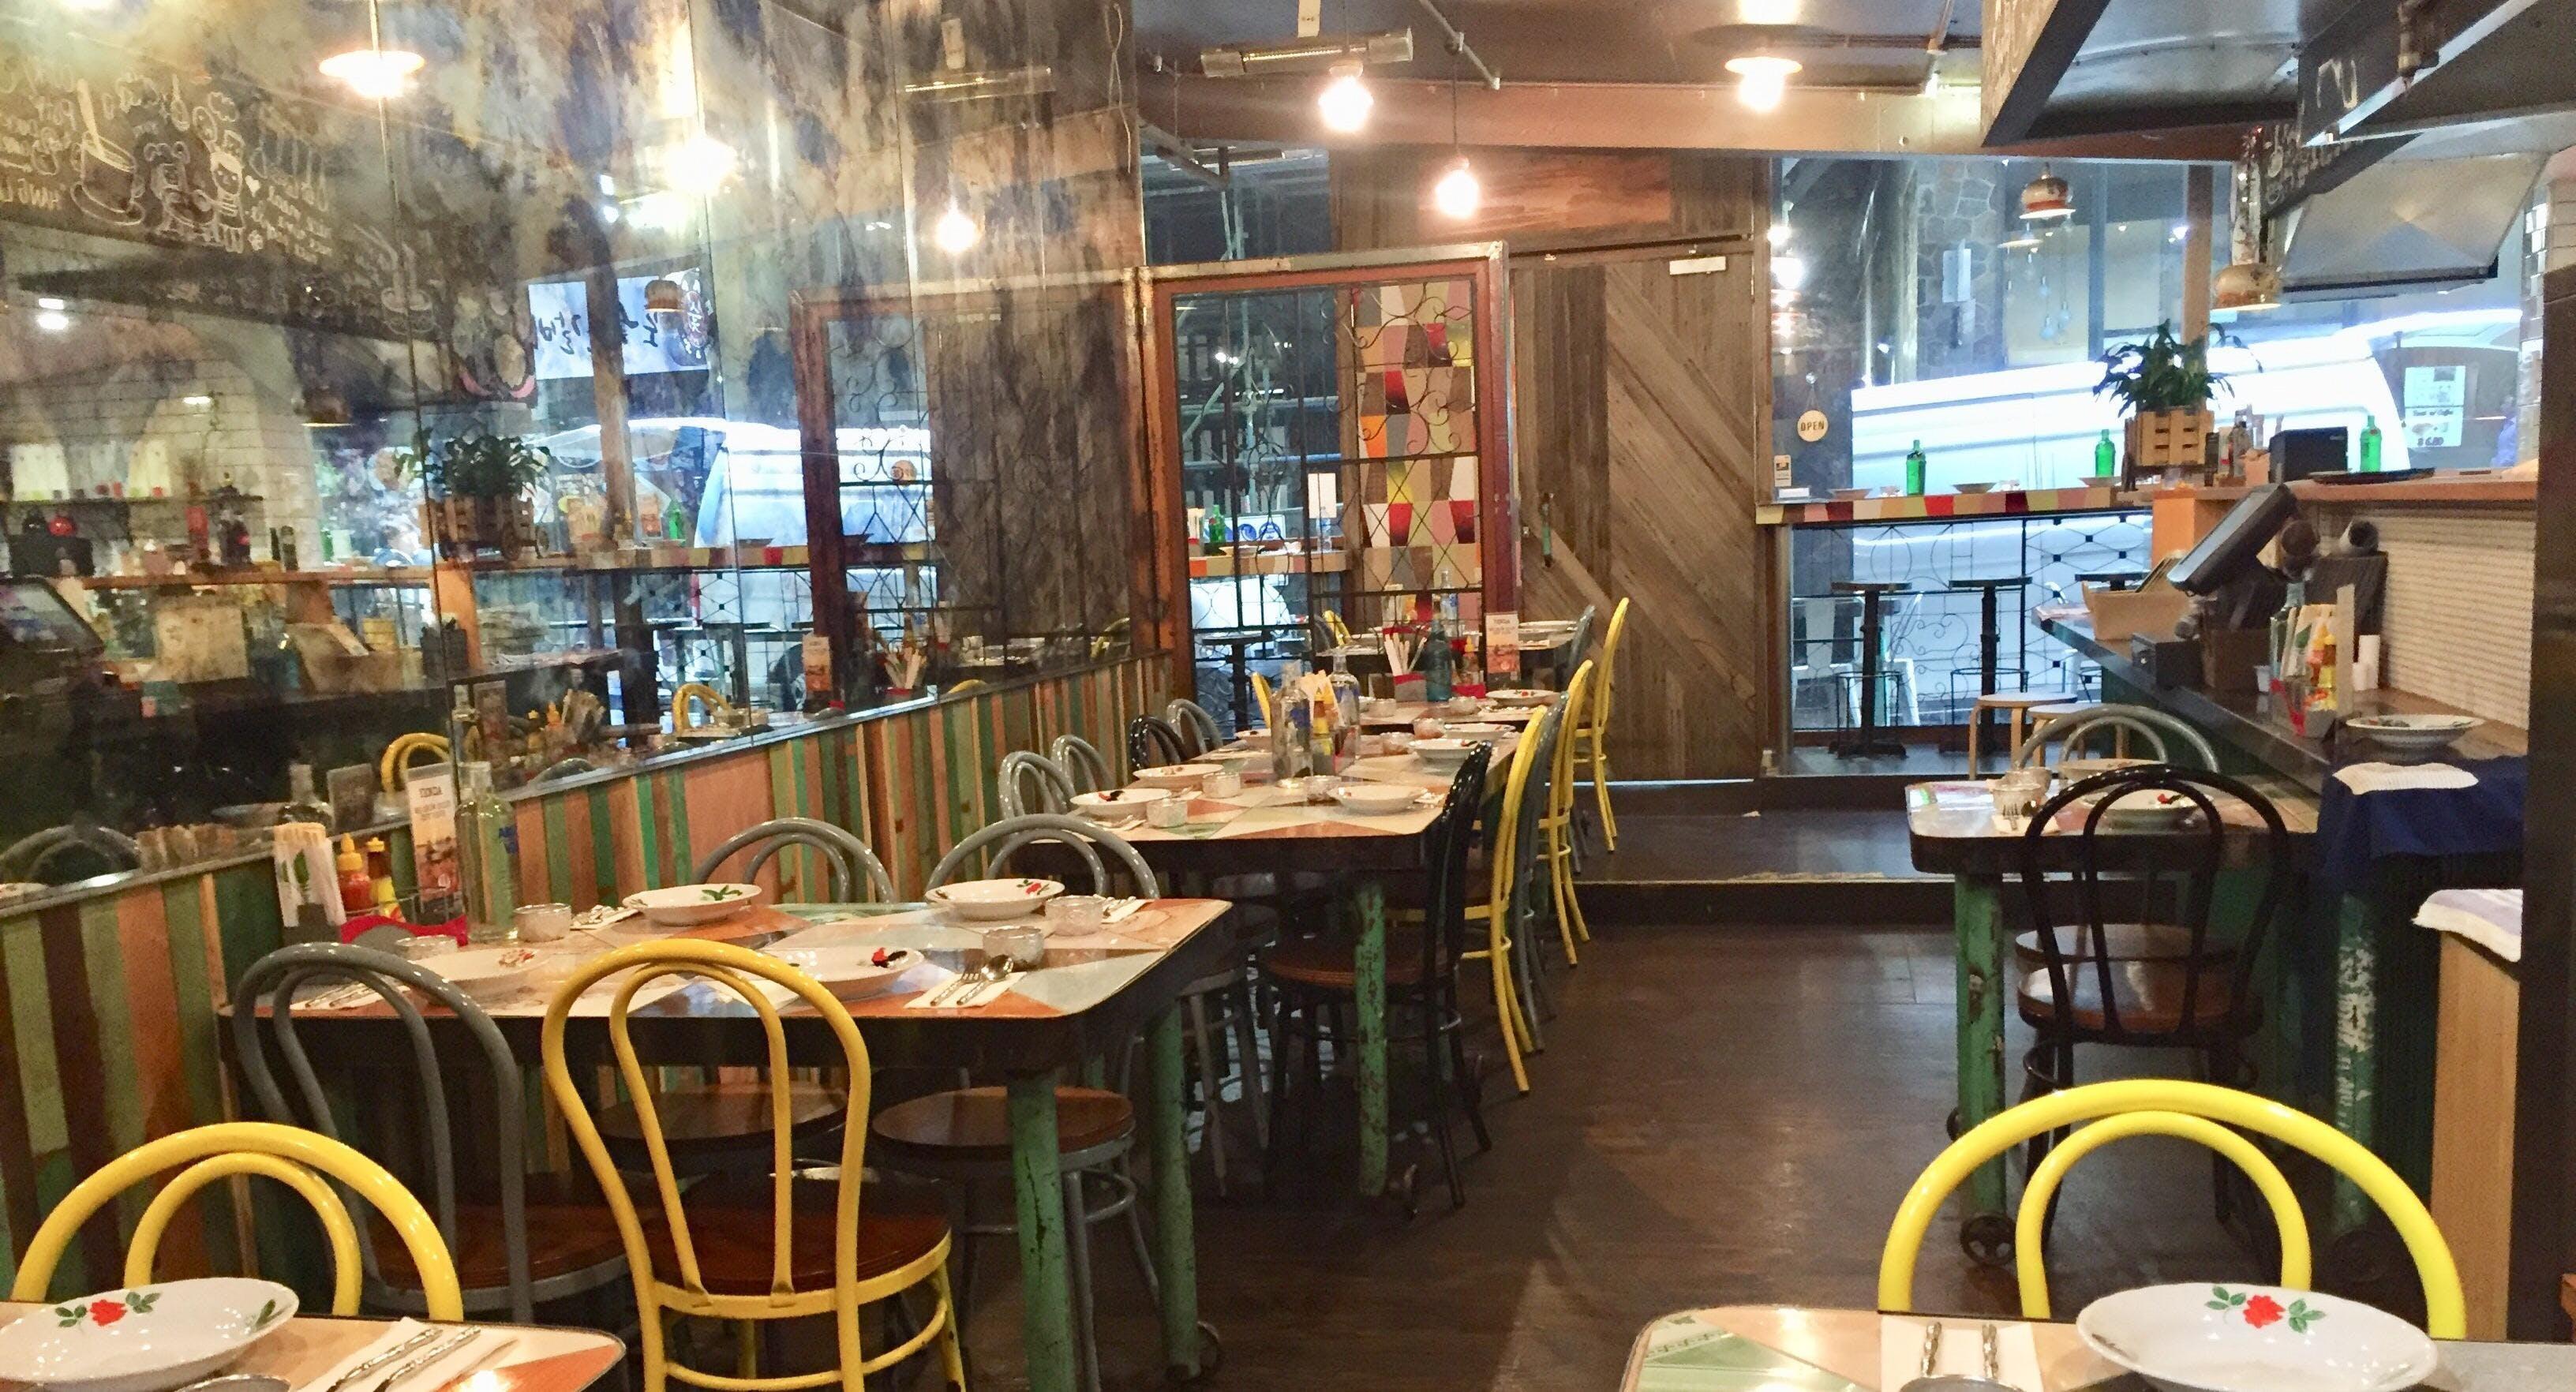 Mr. Nice Guy Restaurant